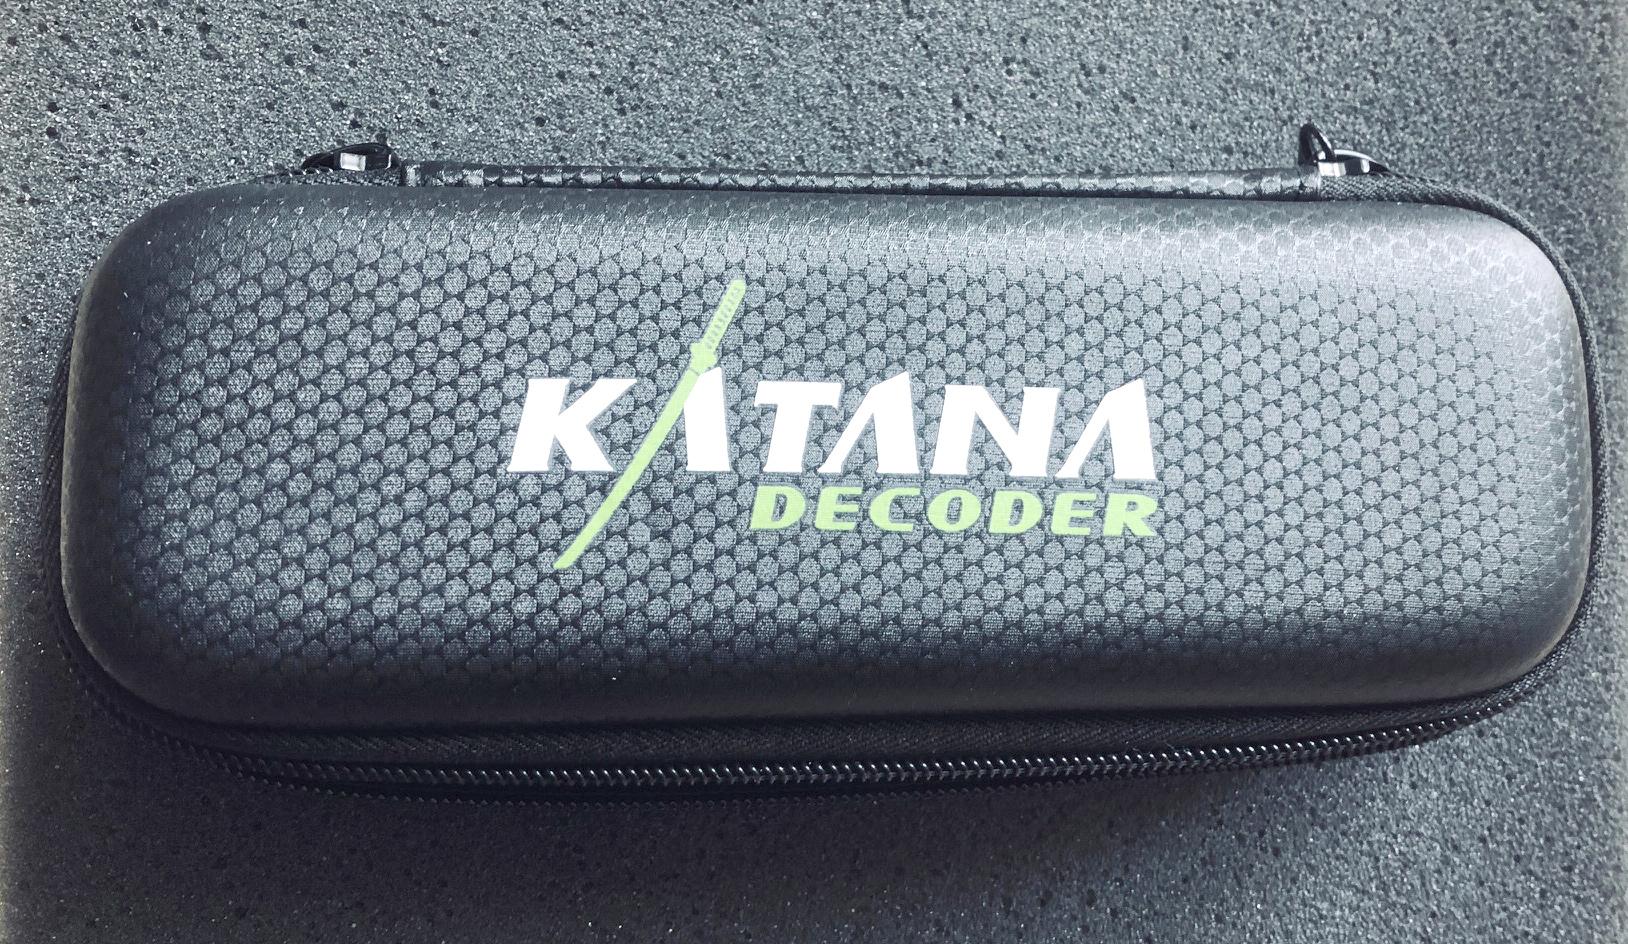 katana decoder 1 zdjecia